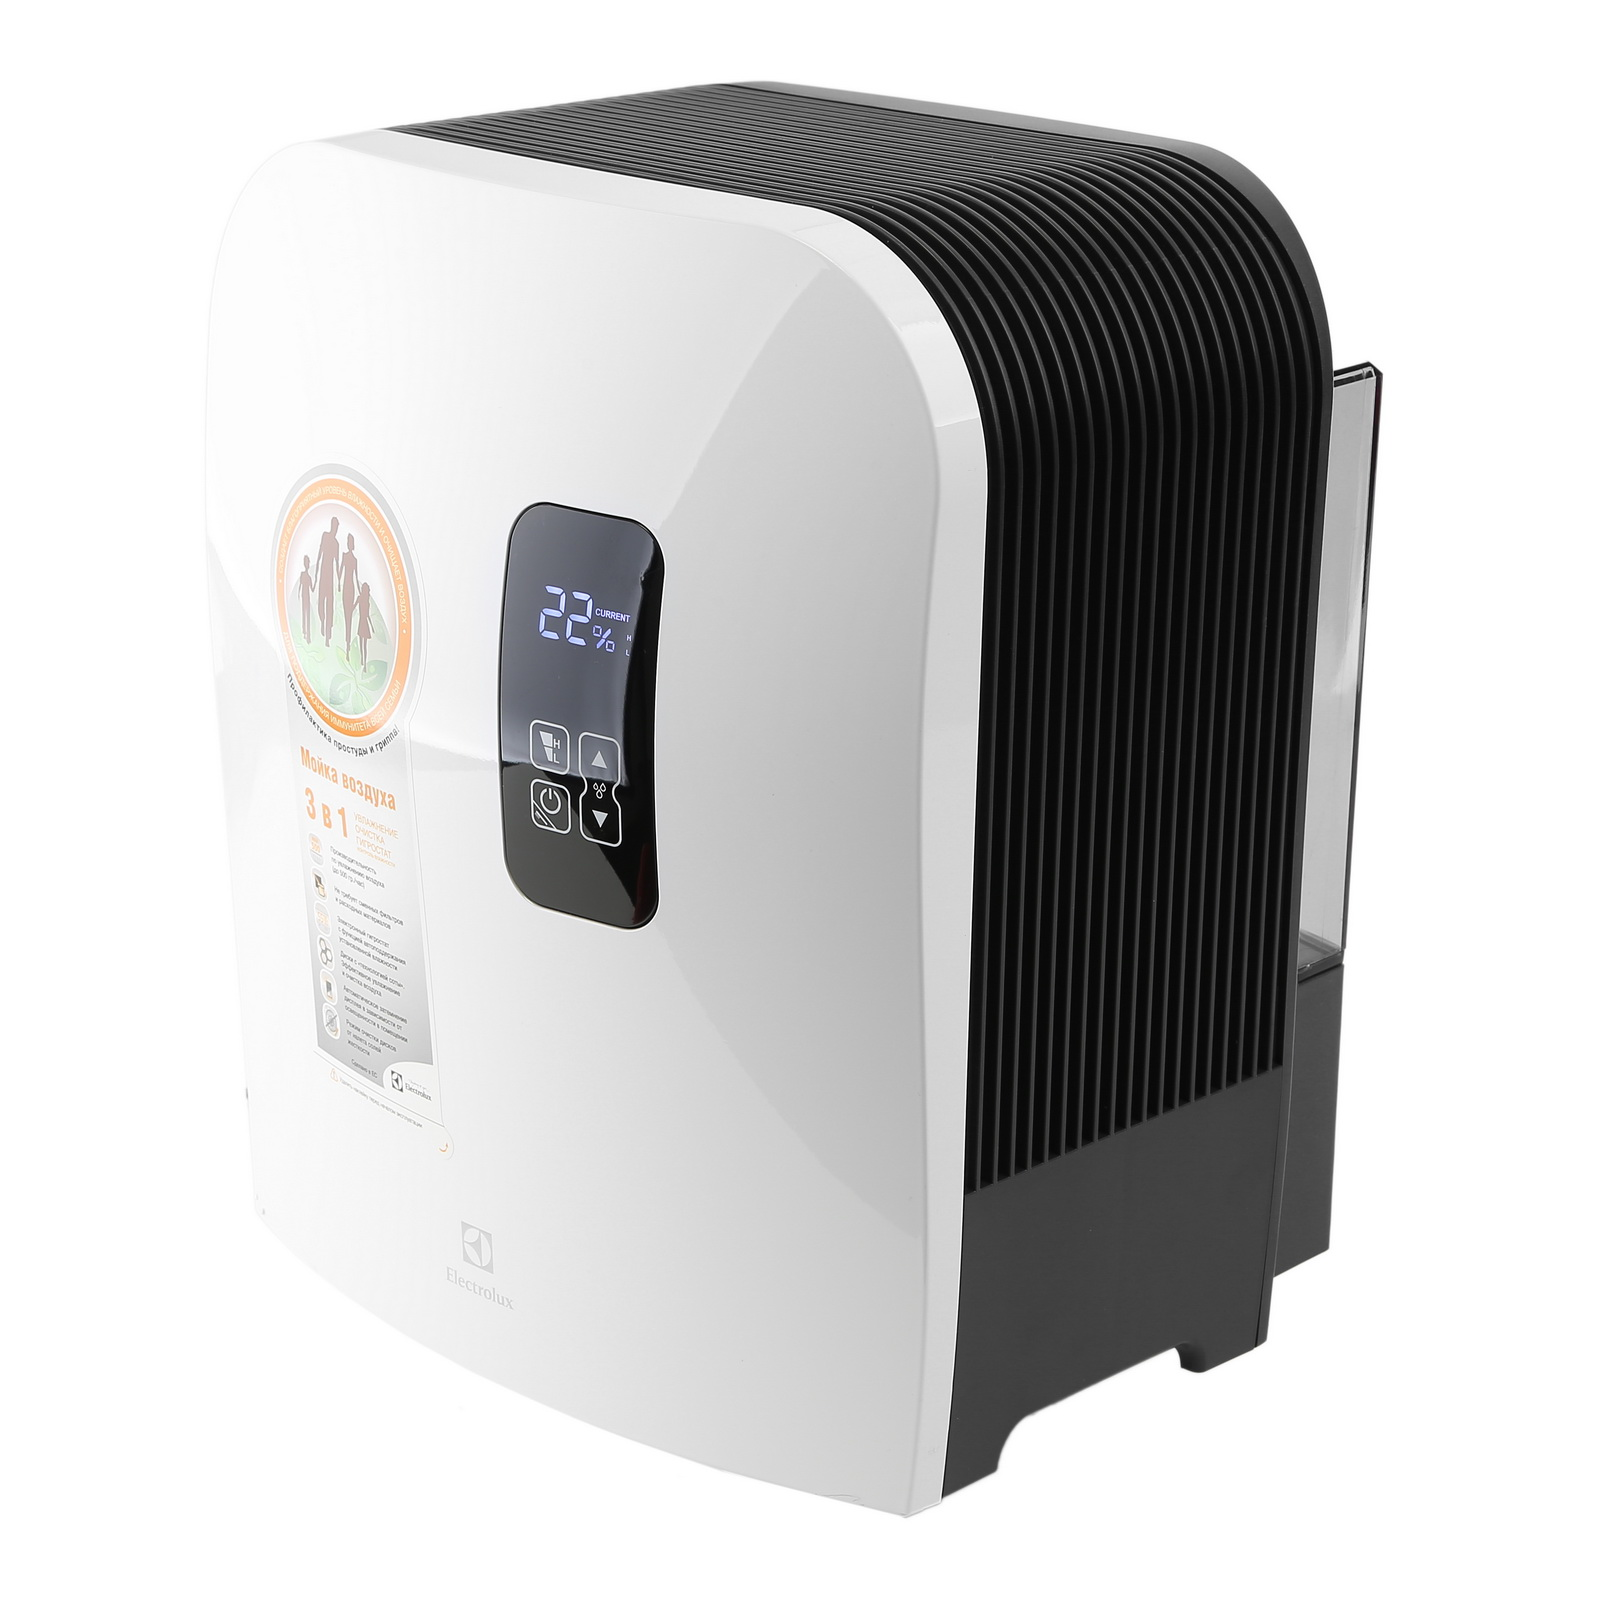 Мойка воздуха с ионизацией ElectroluxВоздухоочистители<br>Тип установки: напольный,<br>Мощность: 18,<br>Количество режимов: 2,<br>Производительность (м3/ч): 500,<br>Напряжение: 220,<br>Помещение: 50,<br>Объем ресивера: 7,<br>Ионизация: есть,<br>Увлажнение: есть,<br>Тип фильтра: водяной,<br>Без сменных фильтров: есть,<br>Датчик загрязнения воздуха: нет,<br>Таймер: нет,<br>Пульт ДУ: нет<br>